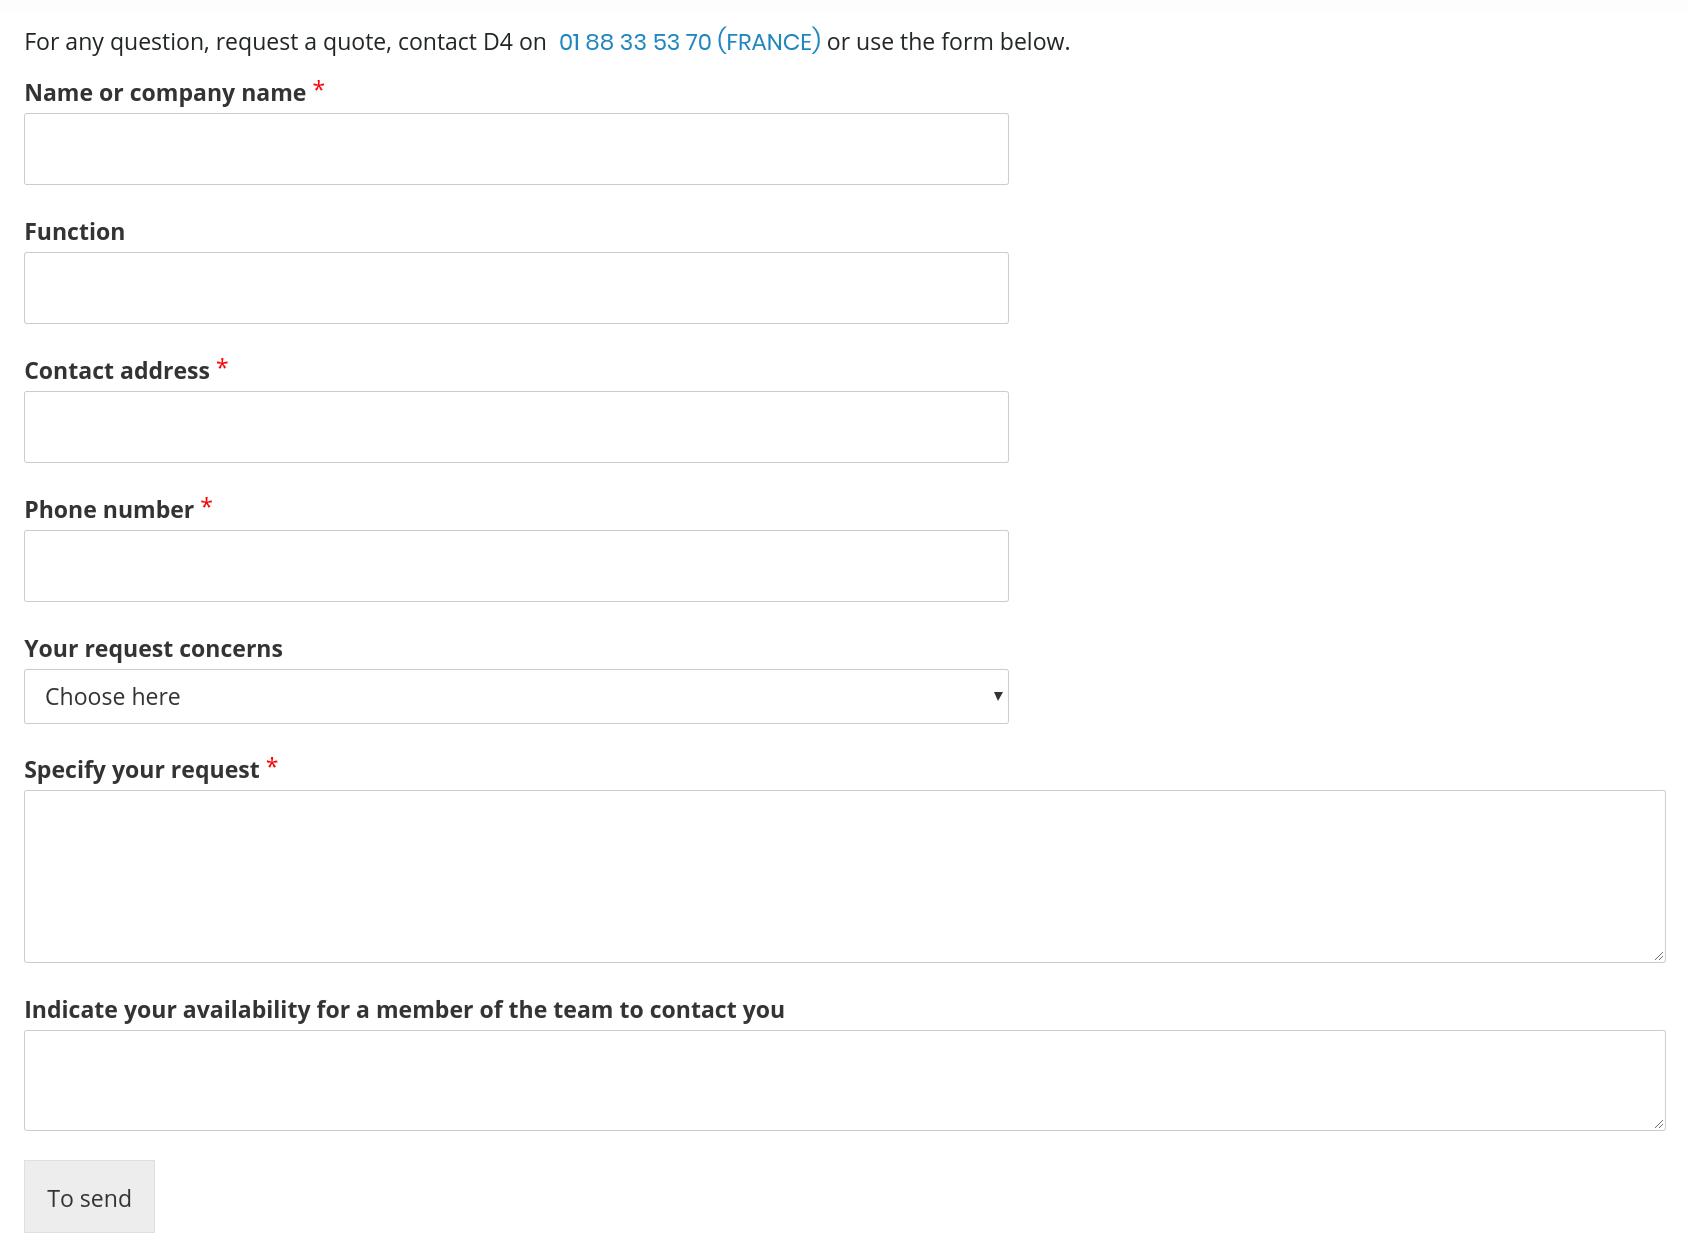 Screenshot 2019 09 01 at 15.38.38